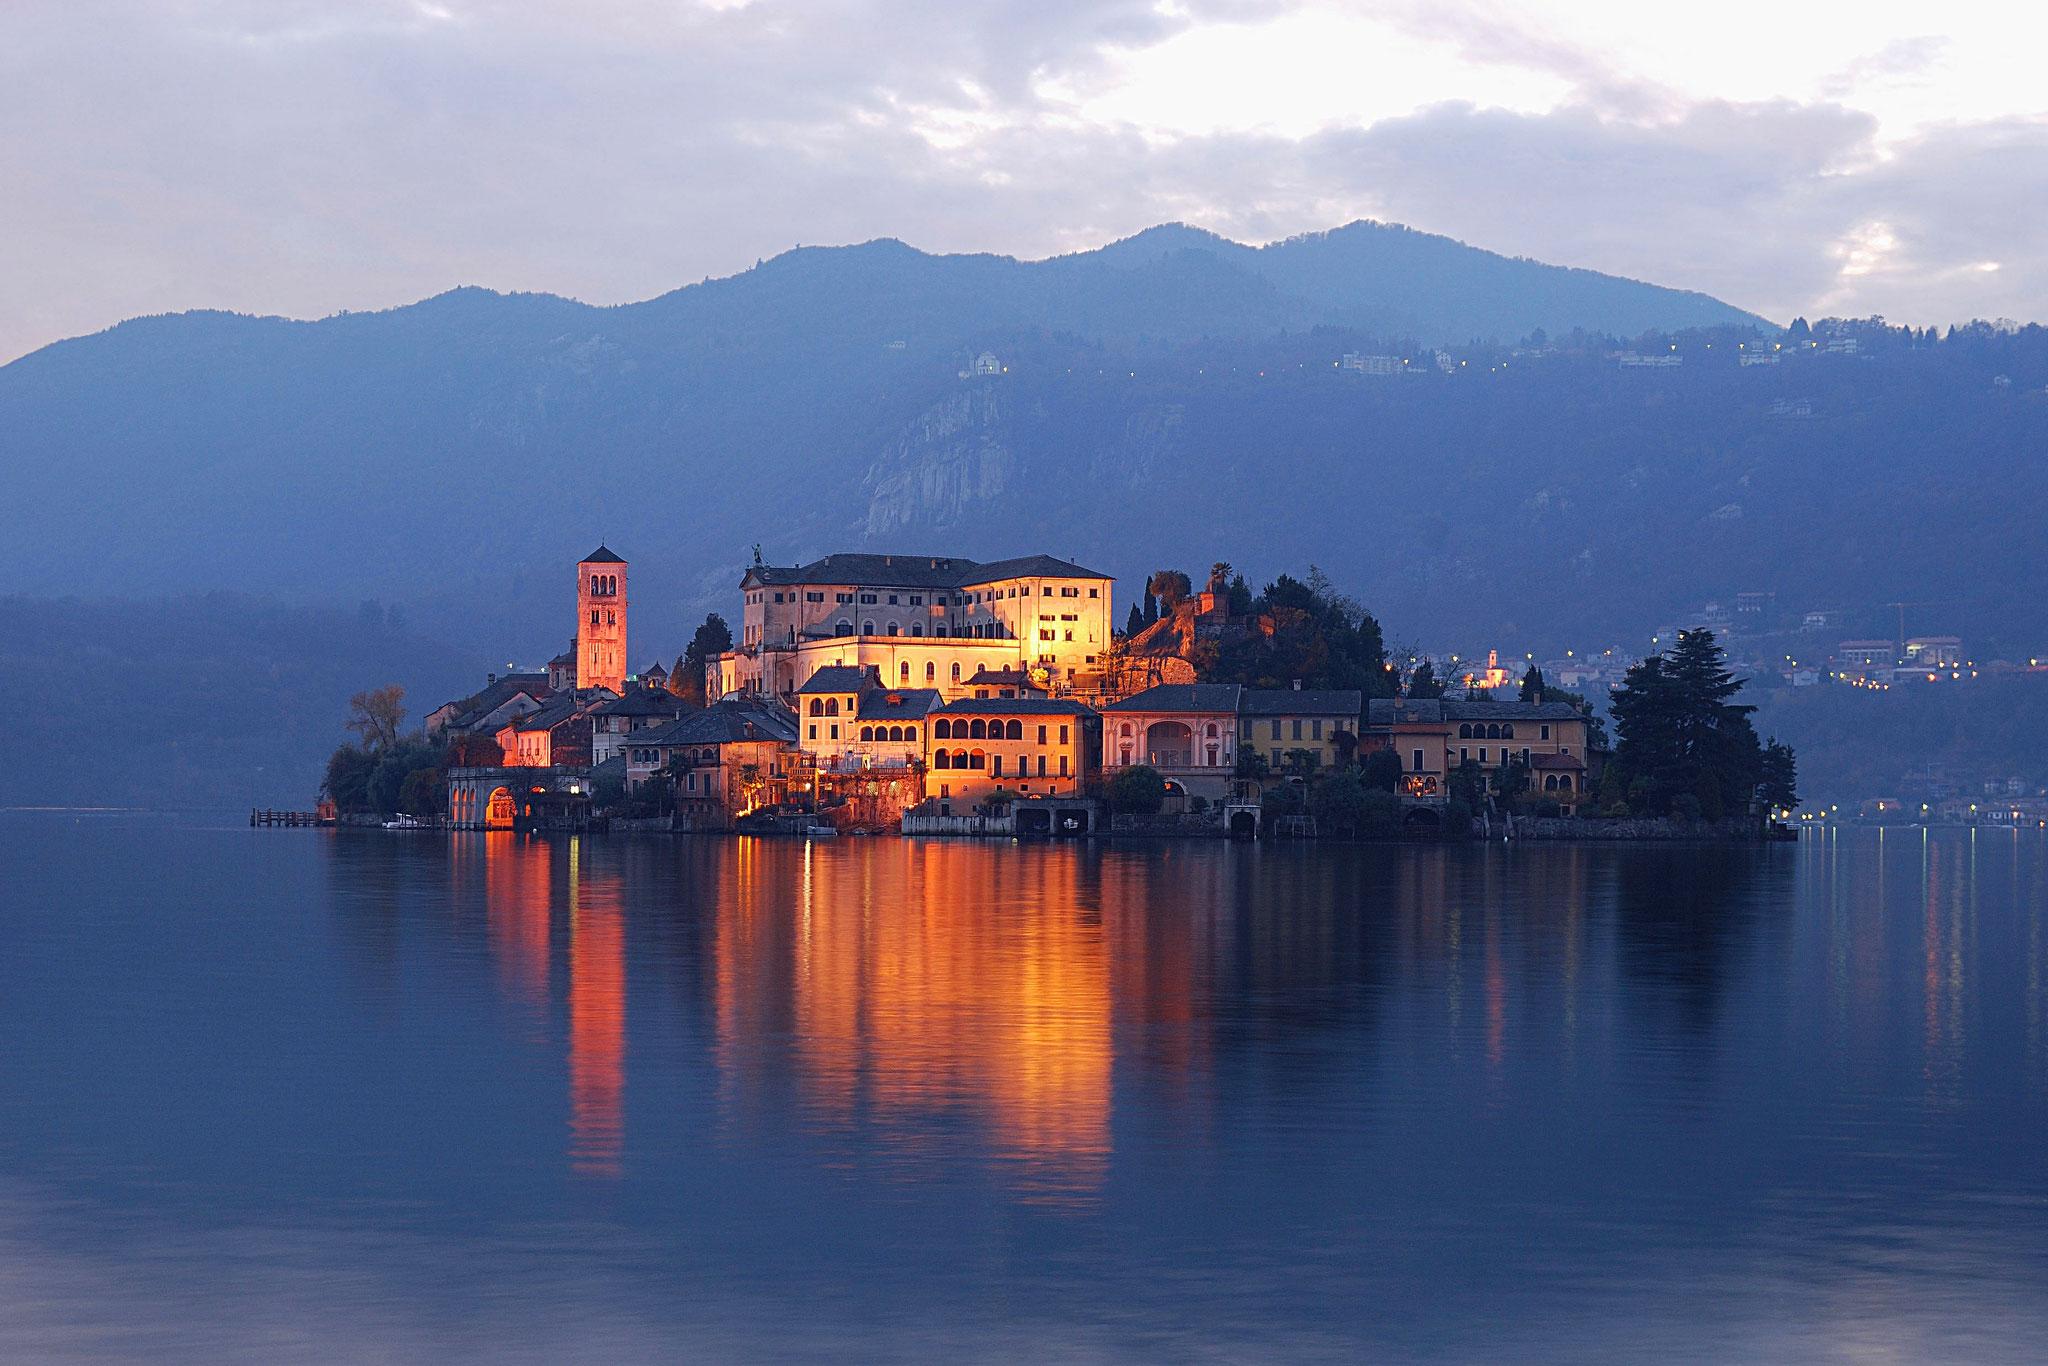 Visita guidata al Sacro Monte di Varallo e a Orta San Giulio con partenza da Milano